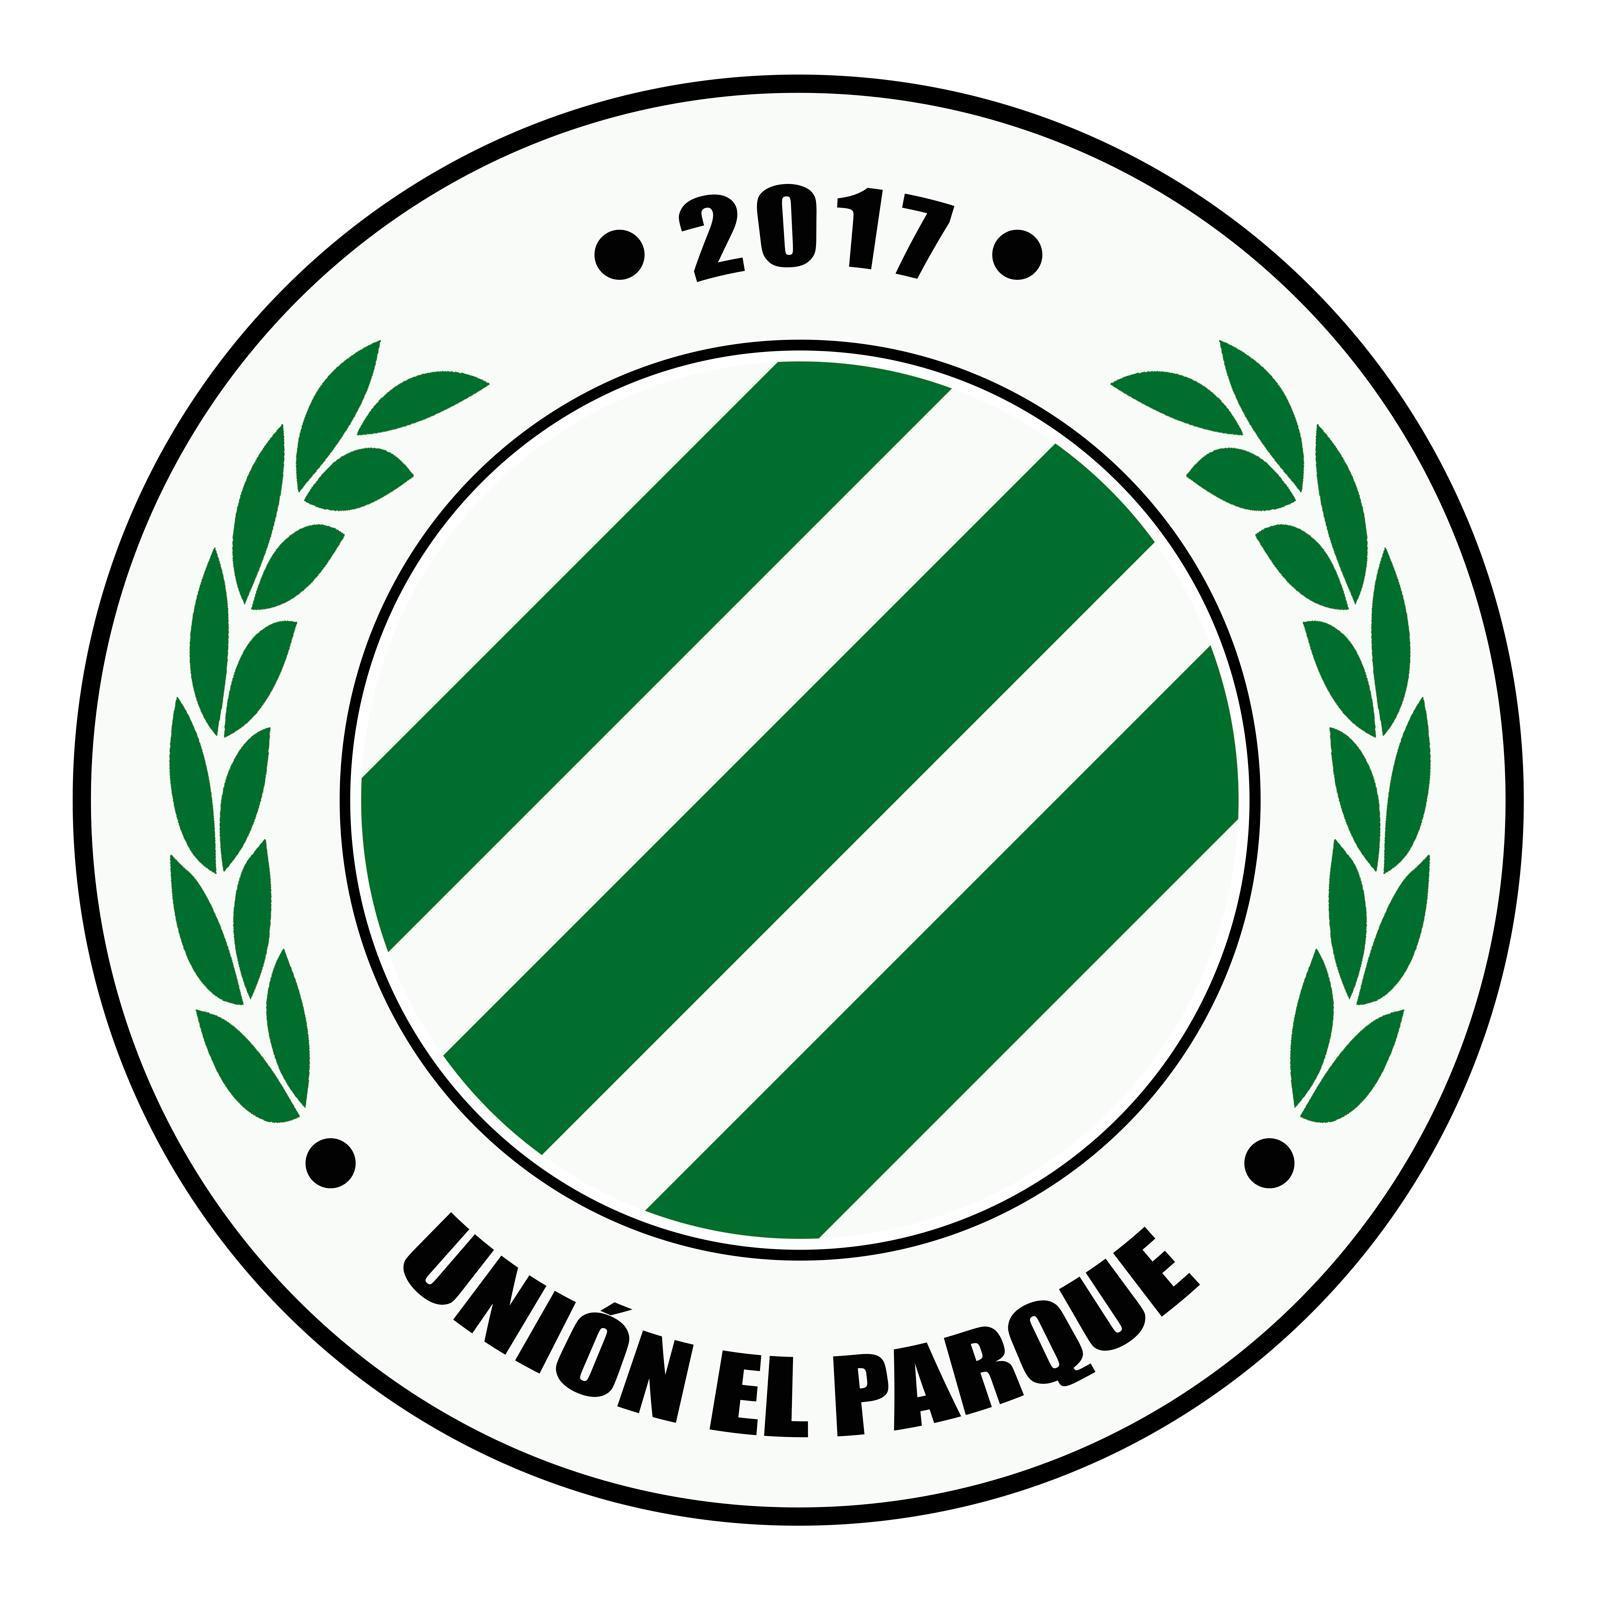 C.D. UNION EL PARQUE